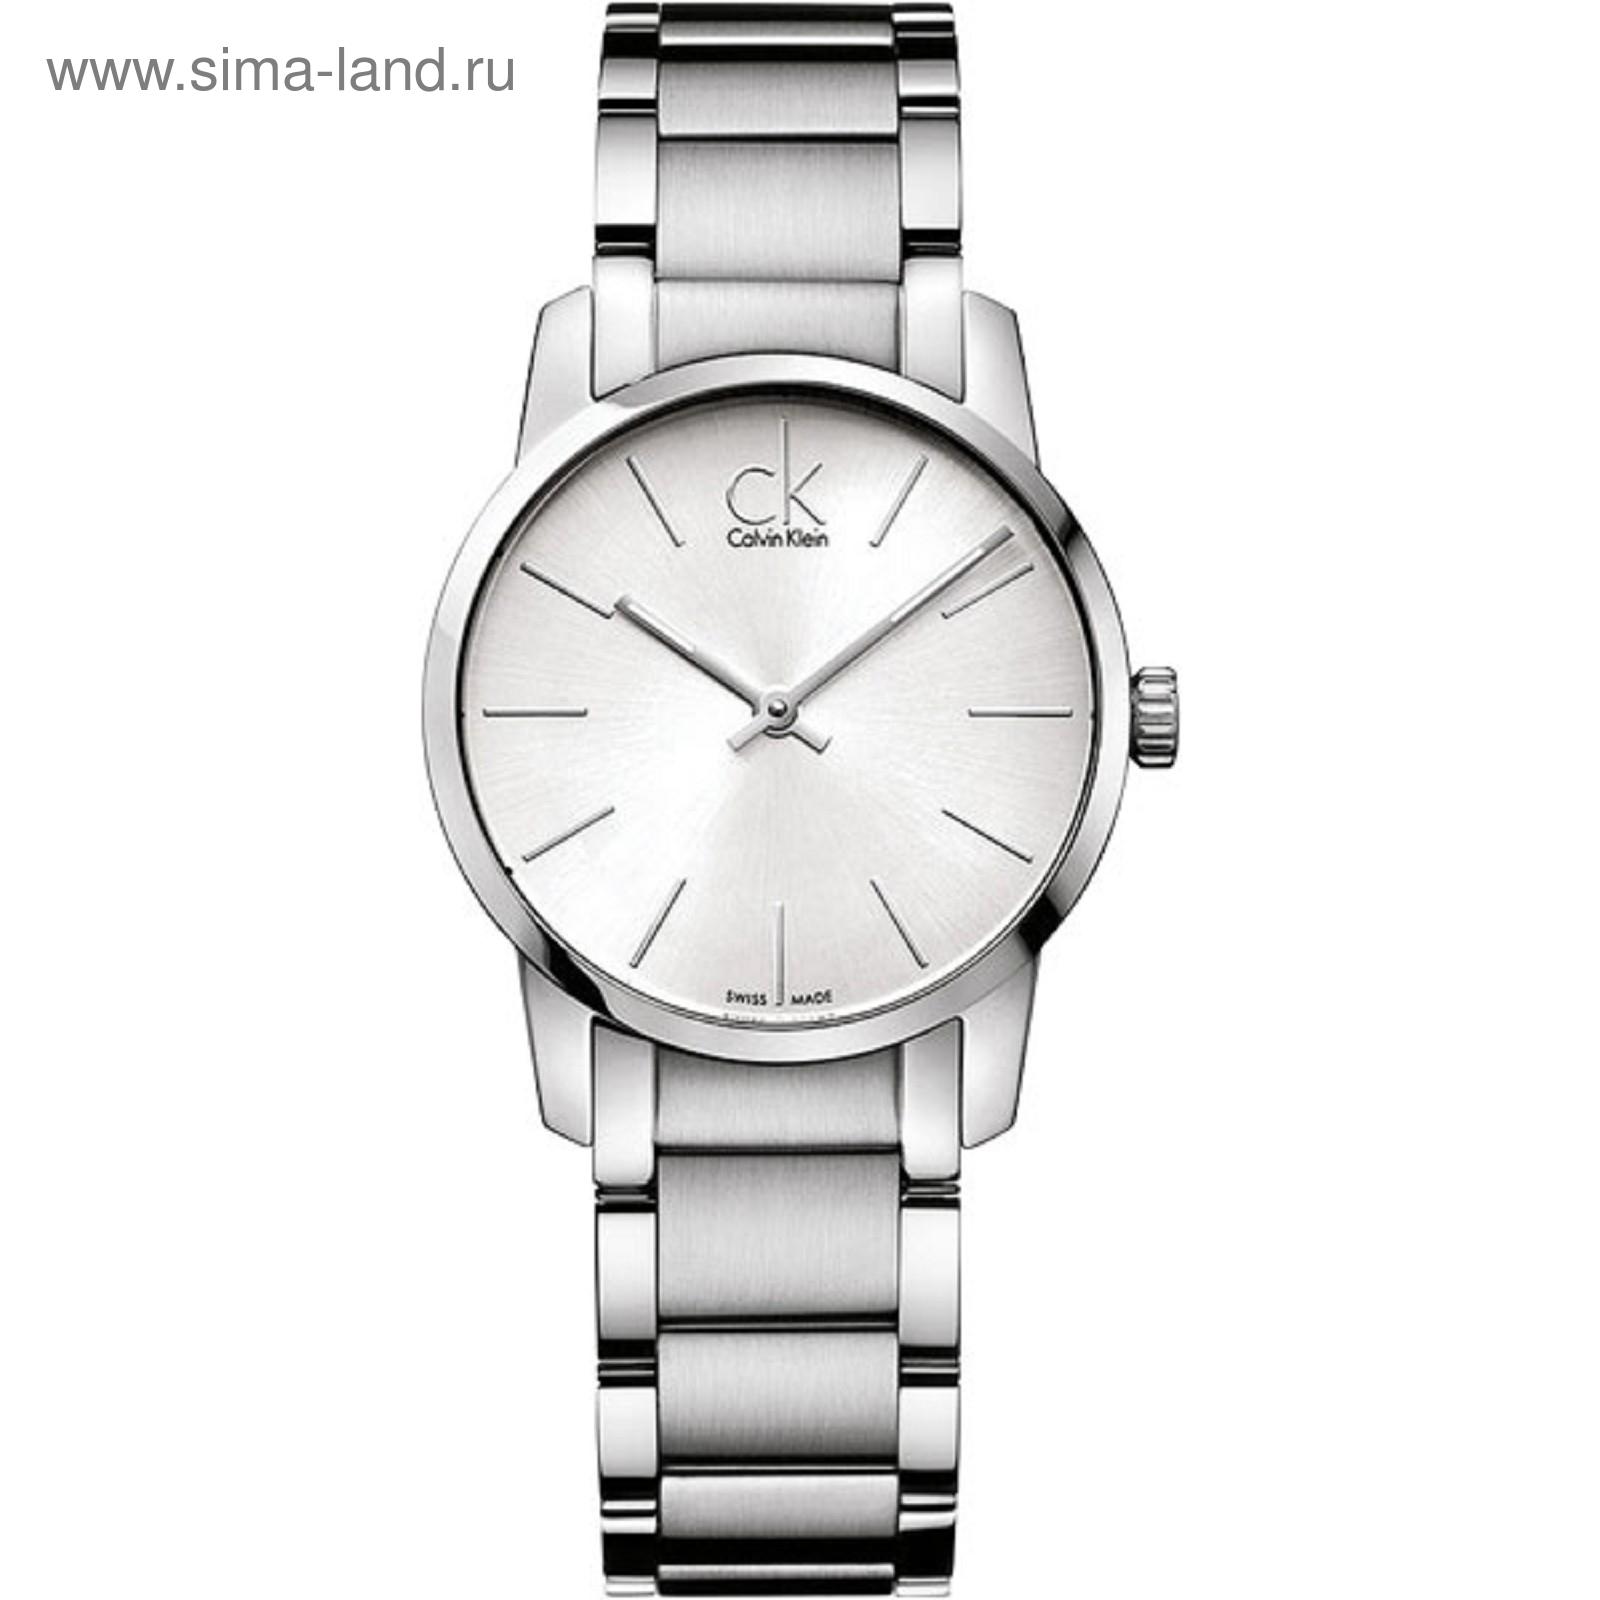 Часы наручные женские Calvin Klein K2G231.26 (1568490) - Купить по ... 9dd0297ee6b